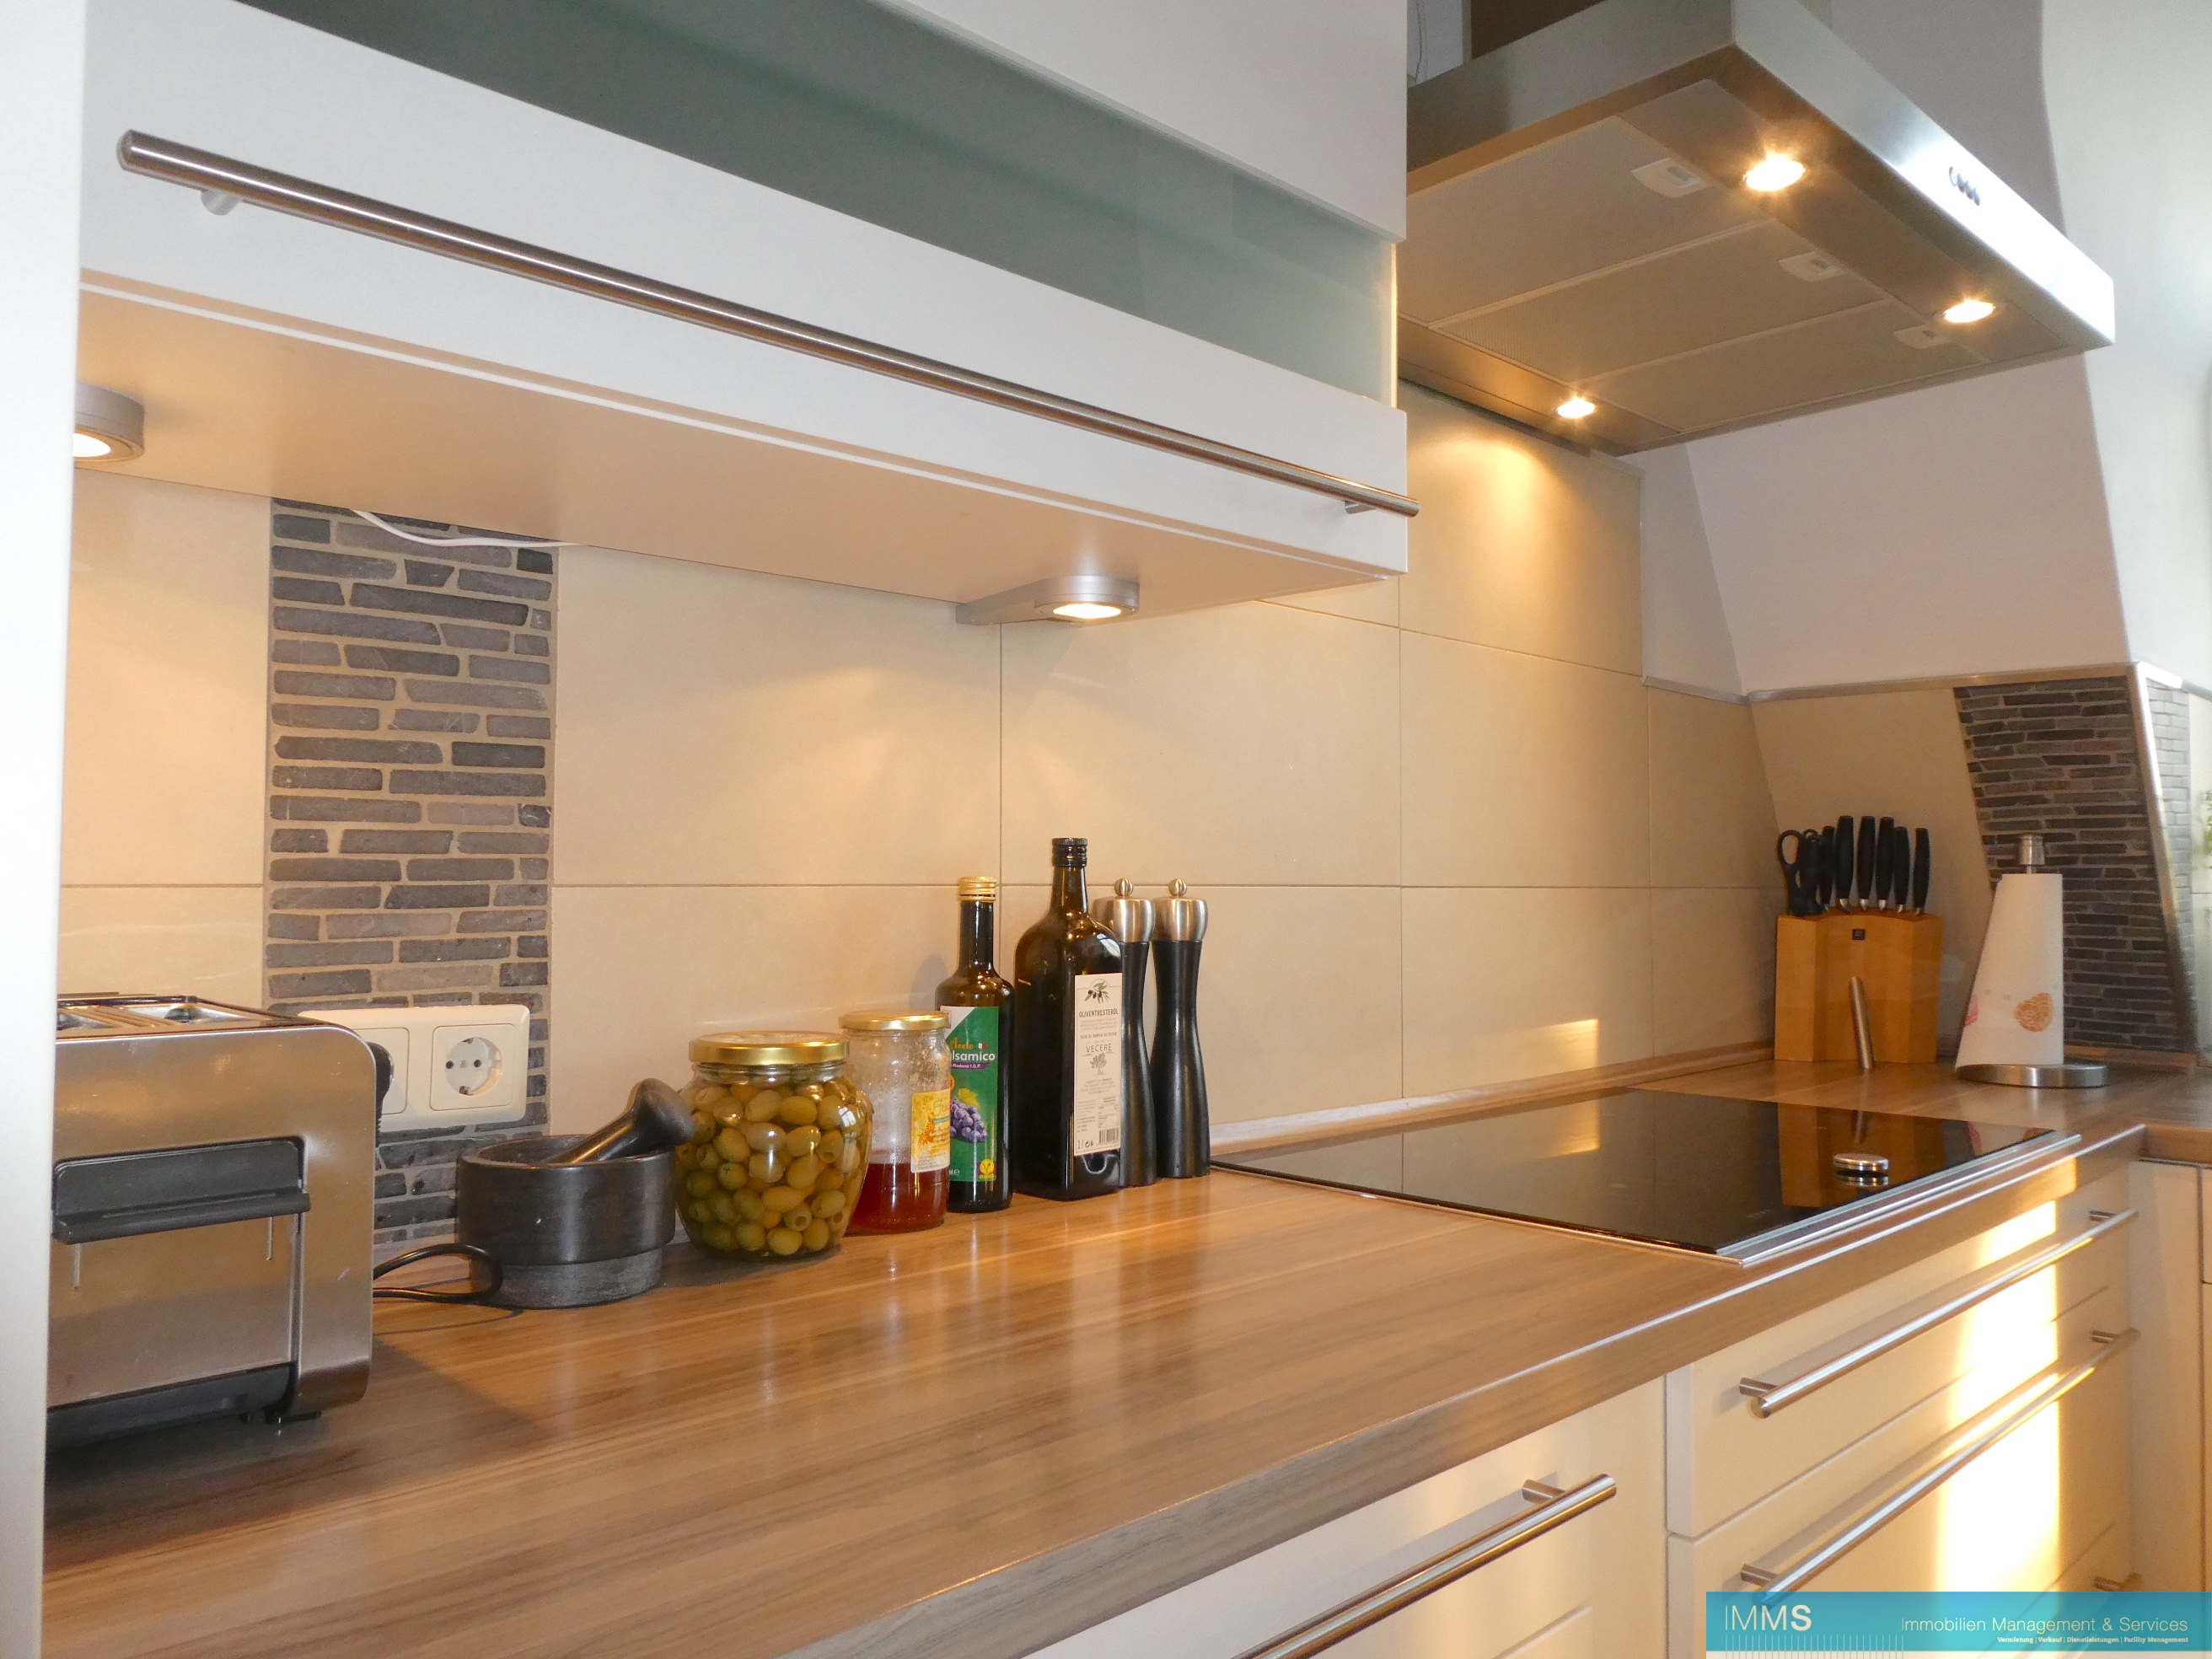 Obj.-Nr. 24200703 - Einbauküche Impressionen